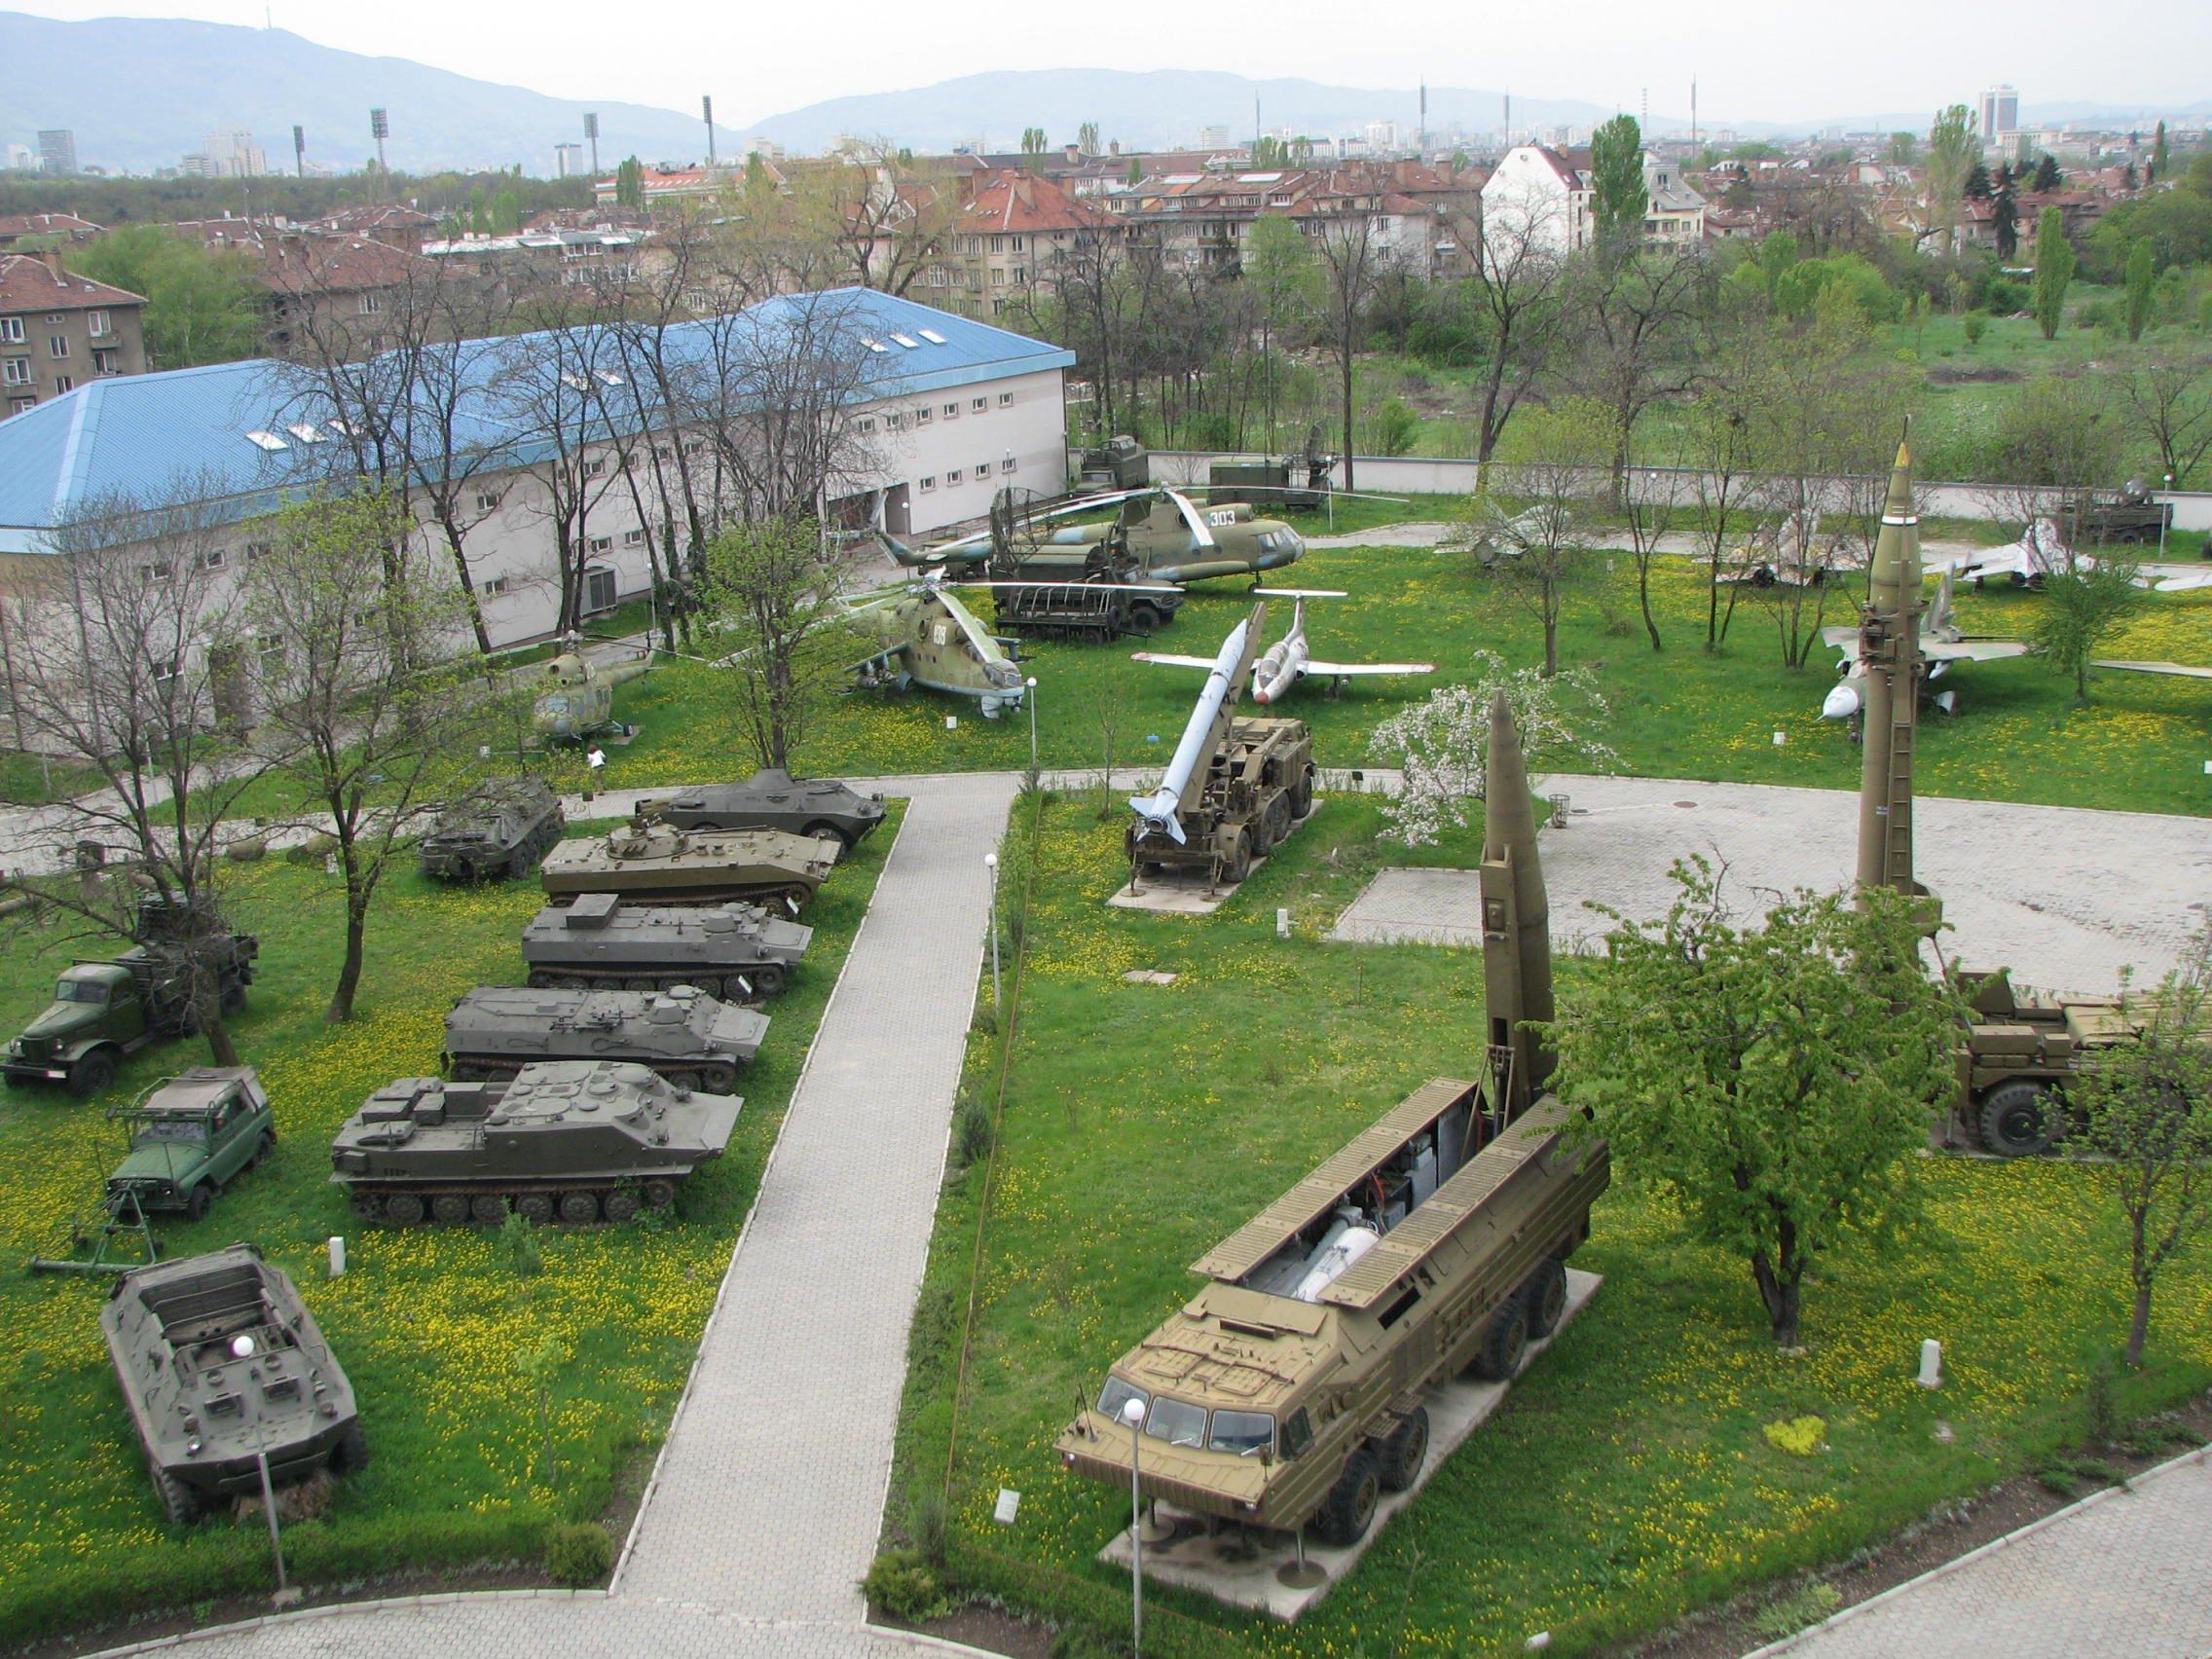 Sofiya Nacionalnyj Muzej Voennoj Istorii Turnavigator